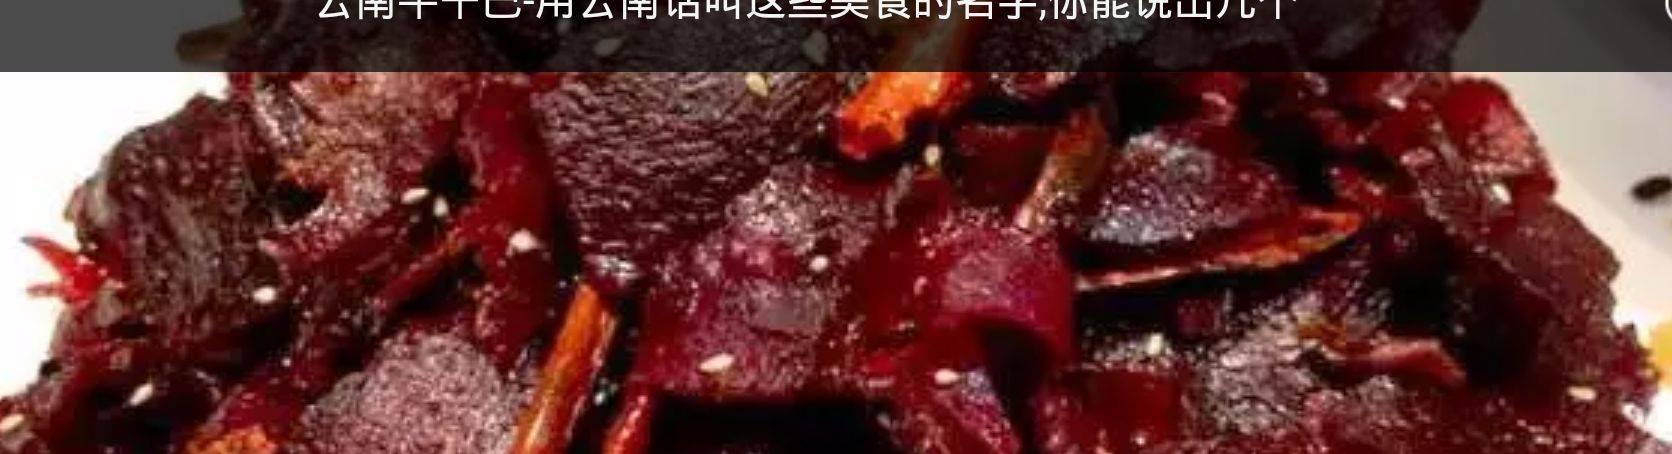 [牛干巴批发]牛干巴 生肉 价格220元/斤